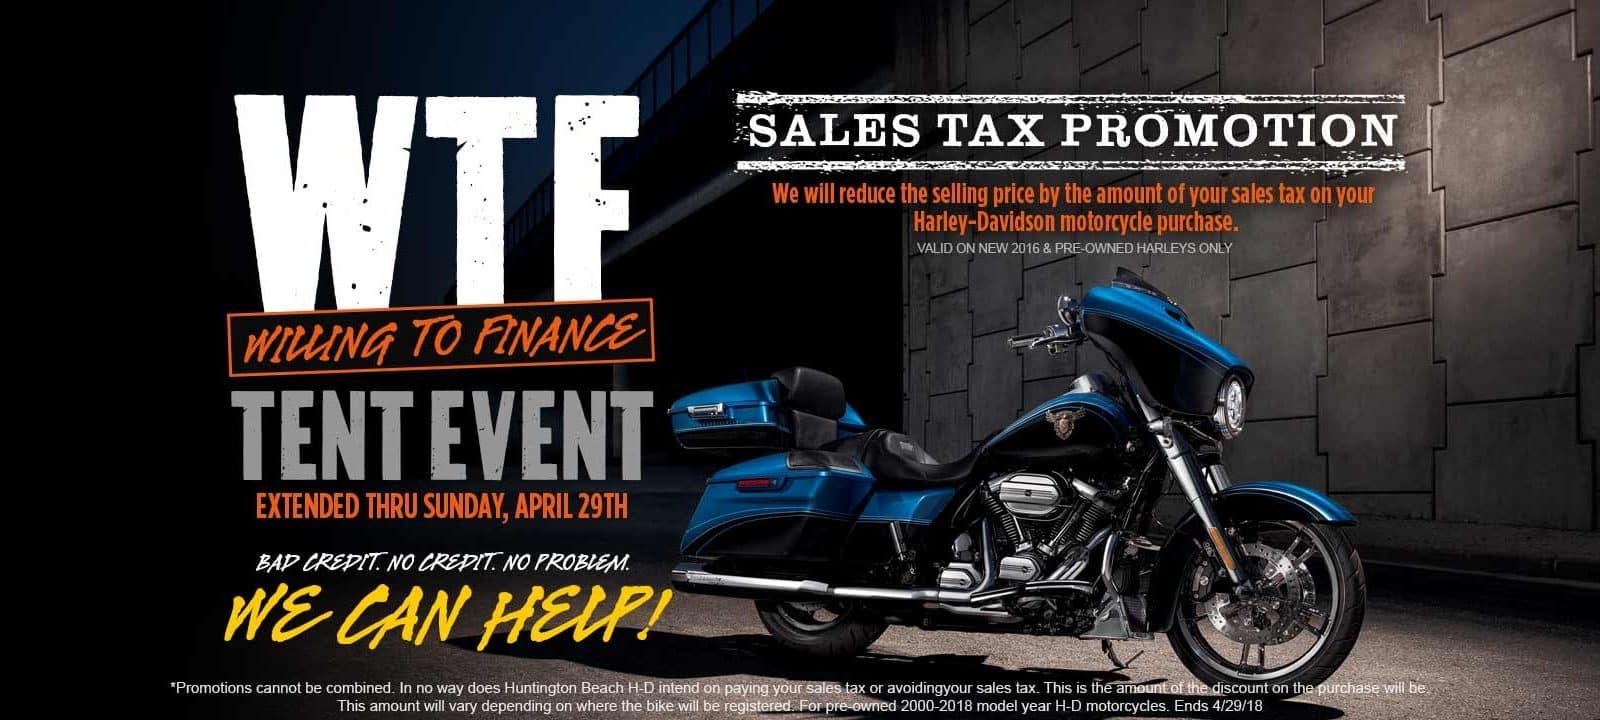 20180423-1800x720-WTF-Tent-Event-Sales-Tax